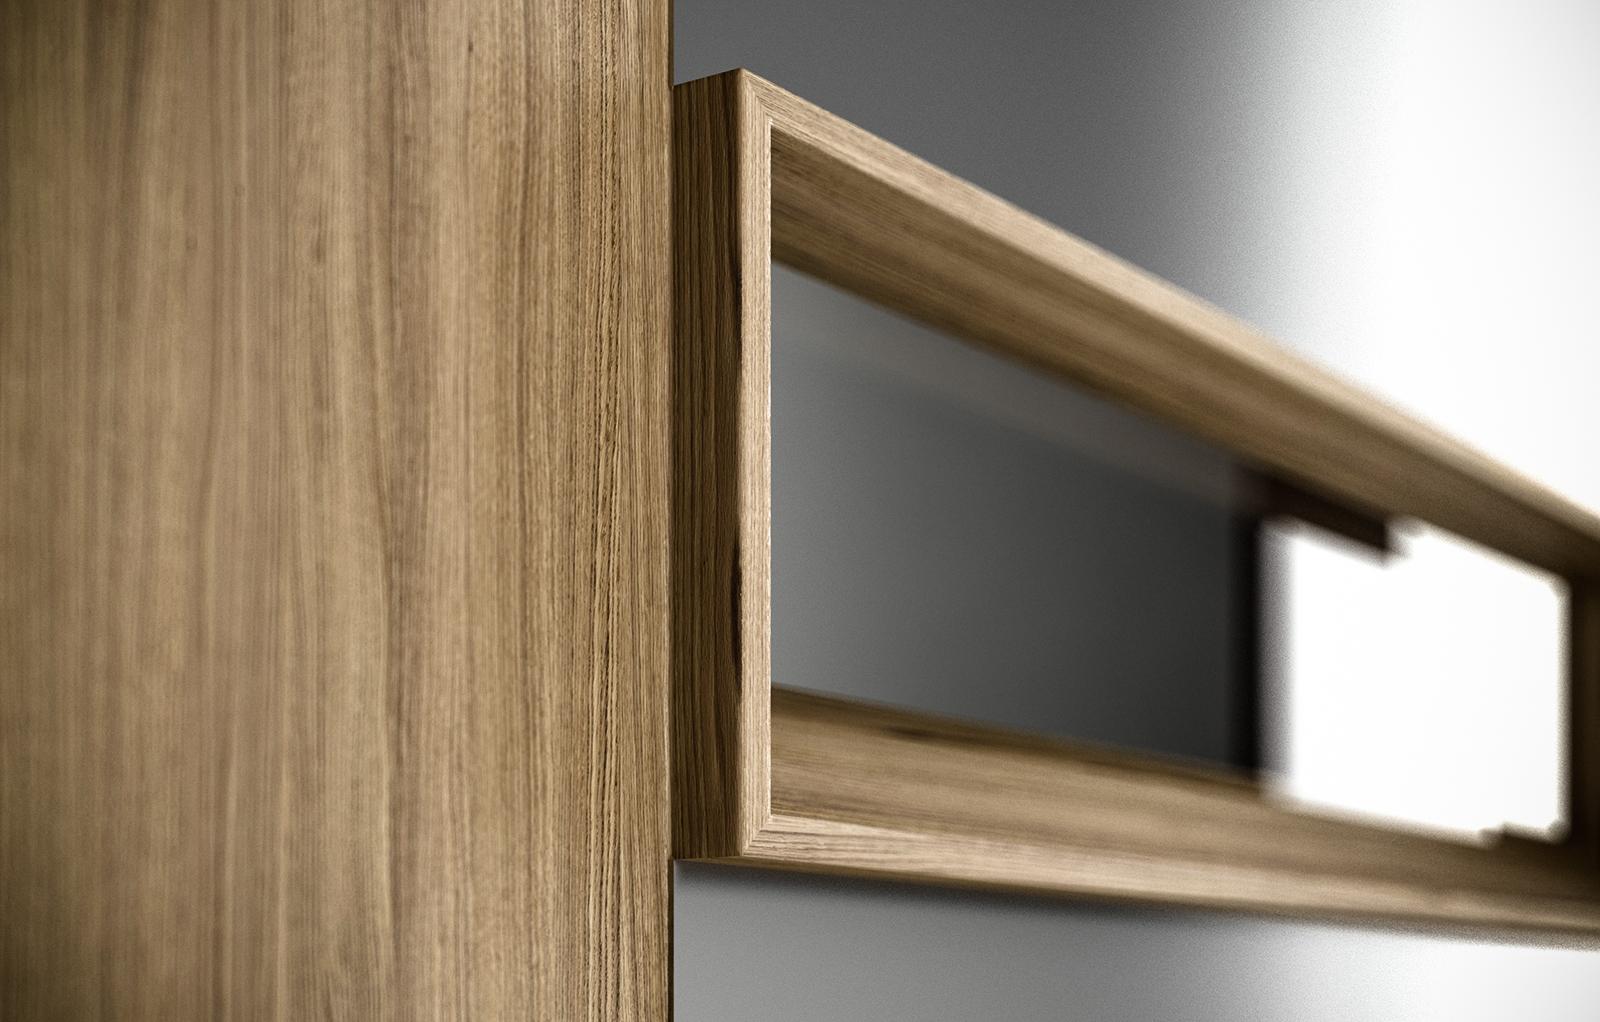 Nextus ™  design inbjuder till spännande möten mellan material. Nextus kan tillverkas i de flesta vanligt förekommande och passande träslag, med eller utan aluminiumbeklädd utsida.